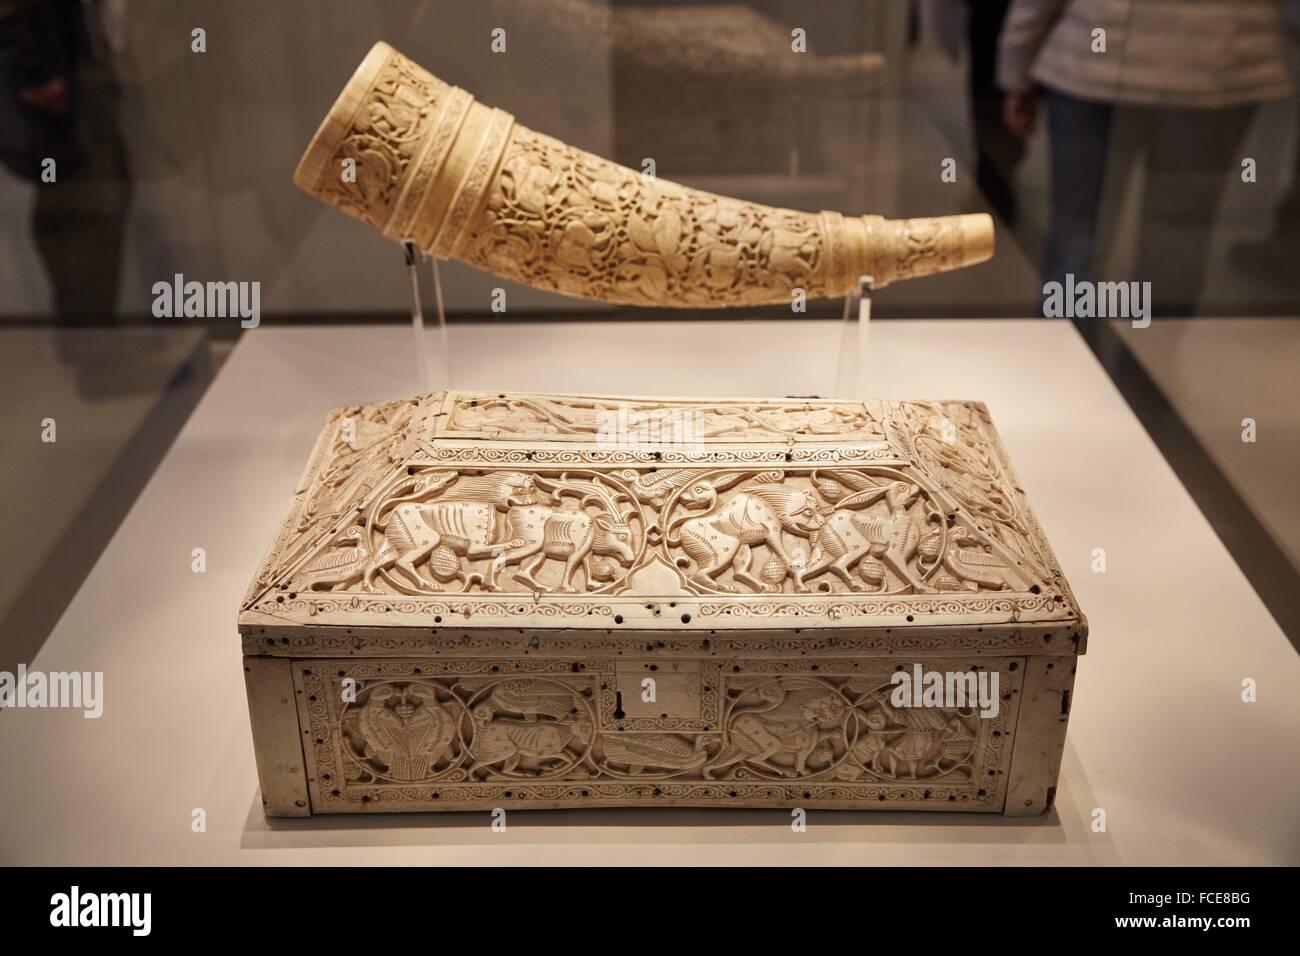 Signal horn (Olifant) mit figürlichem Dekor, Unteritalien oder Sizilien, Elfenbein, Flachrelief, Pergamon Museum, Berlin, Stock Photo